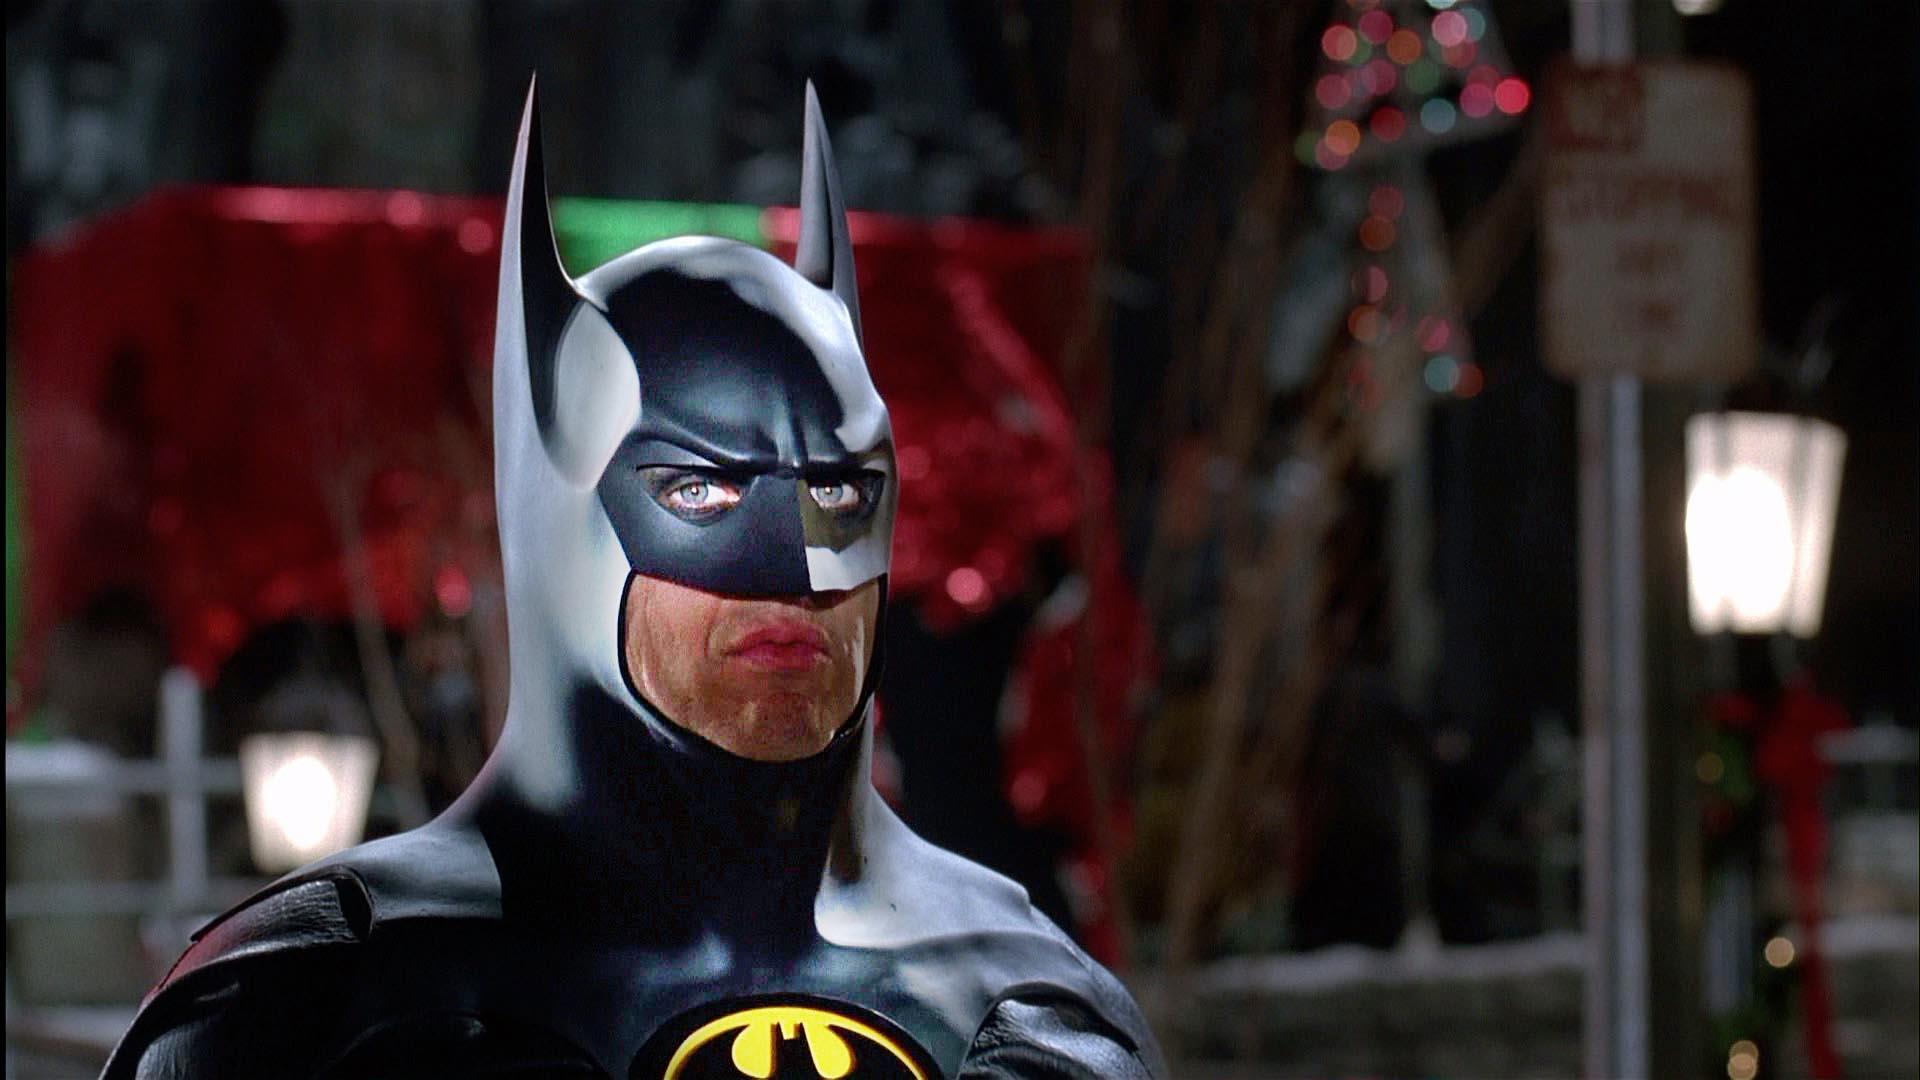 Michael Keaton's Batman, Michael Keaton, Batman